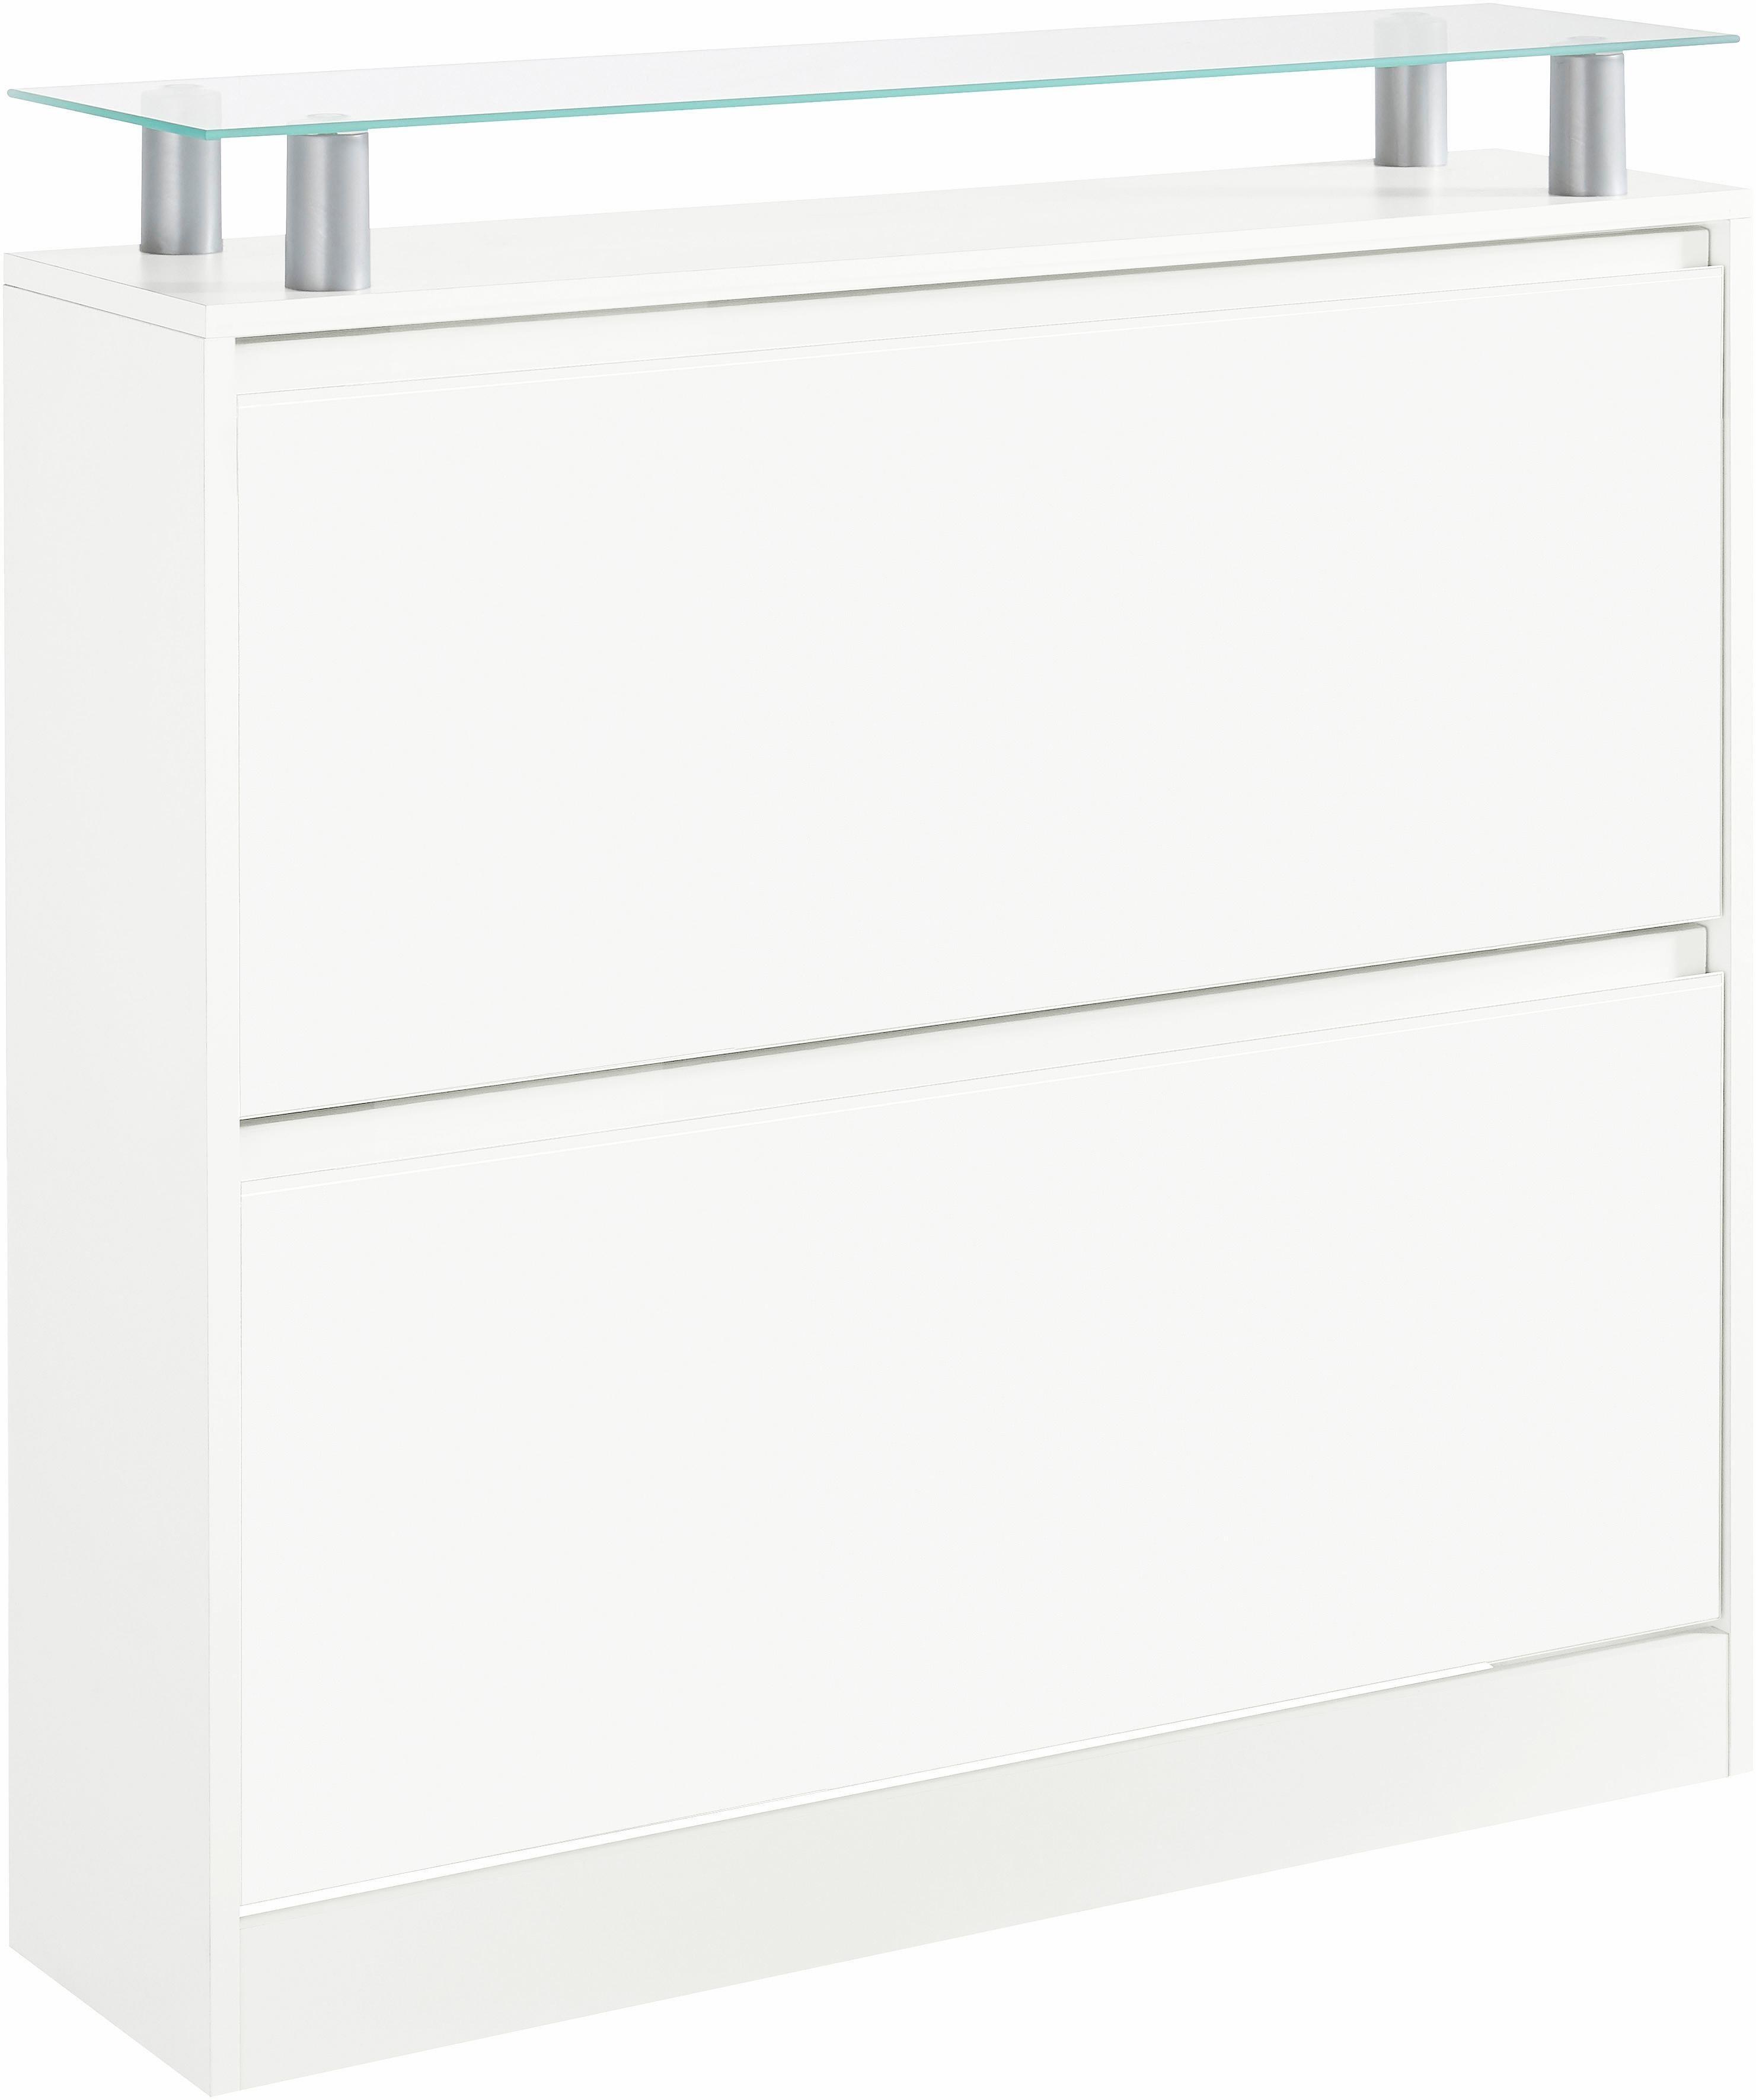 Borchardt Möbel Schuhschrank »Leo« | Flur & Diele > Schuhschränke und Kommoden > Schuhschränke | Weiß - Matt - Schwarz - Hochglanz - Glanz | Hochglanz - Melamin | borchardt Möbel